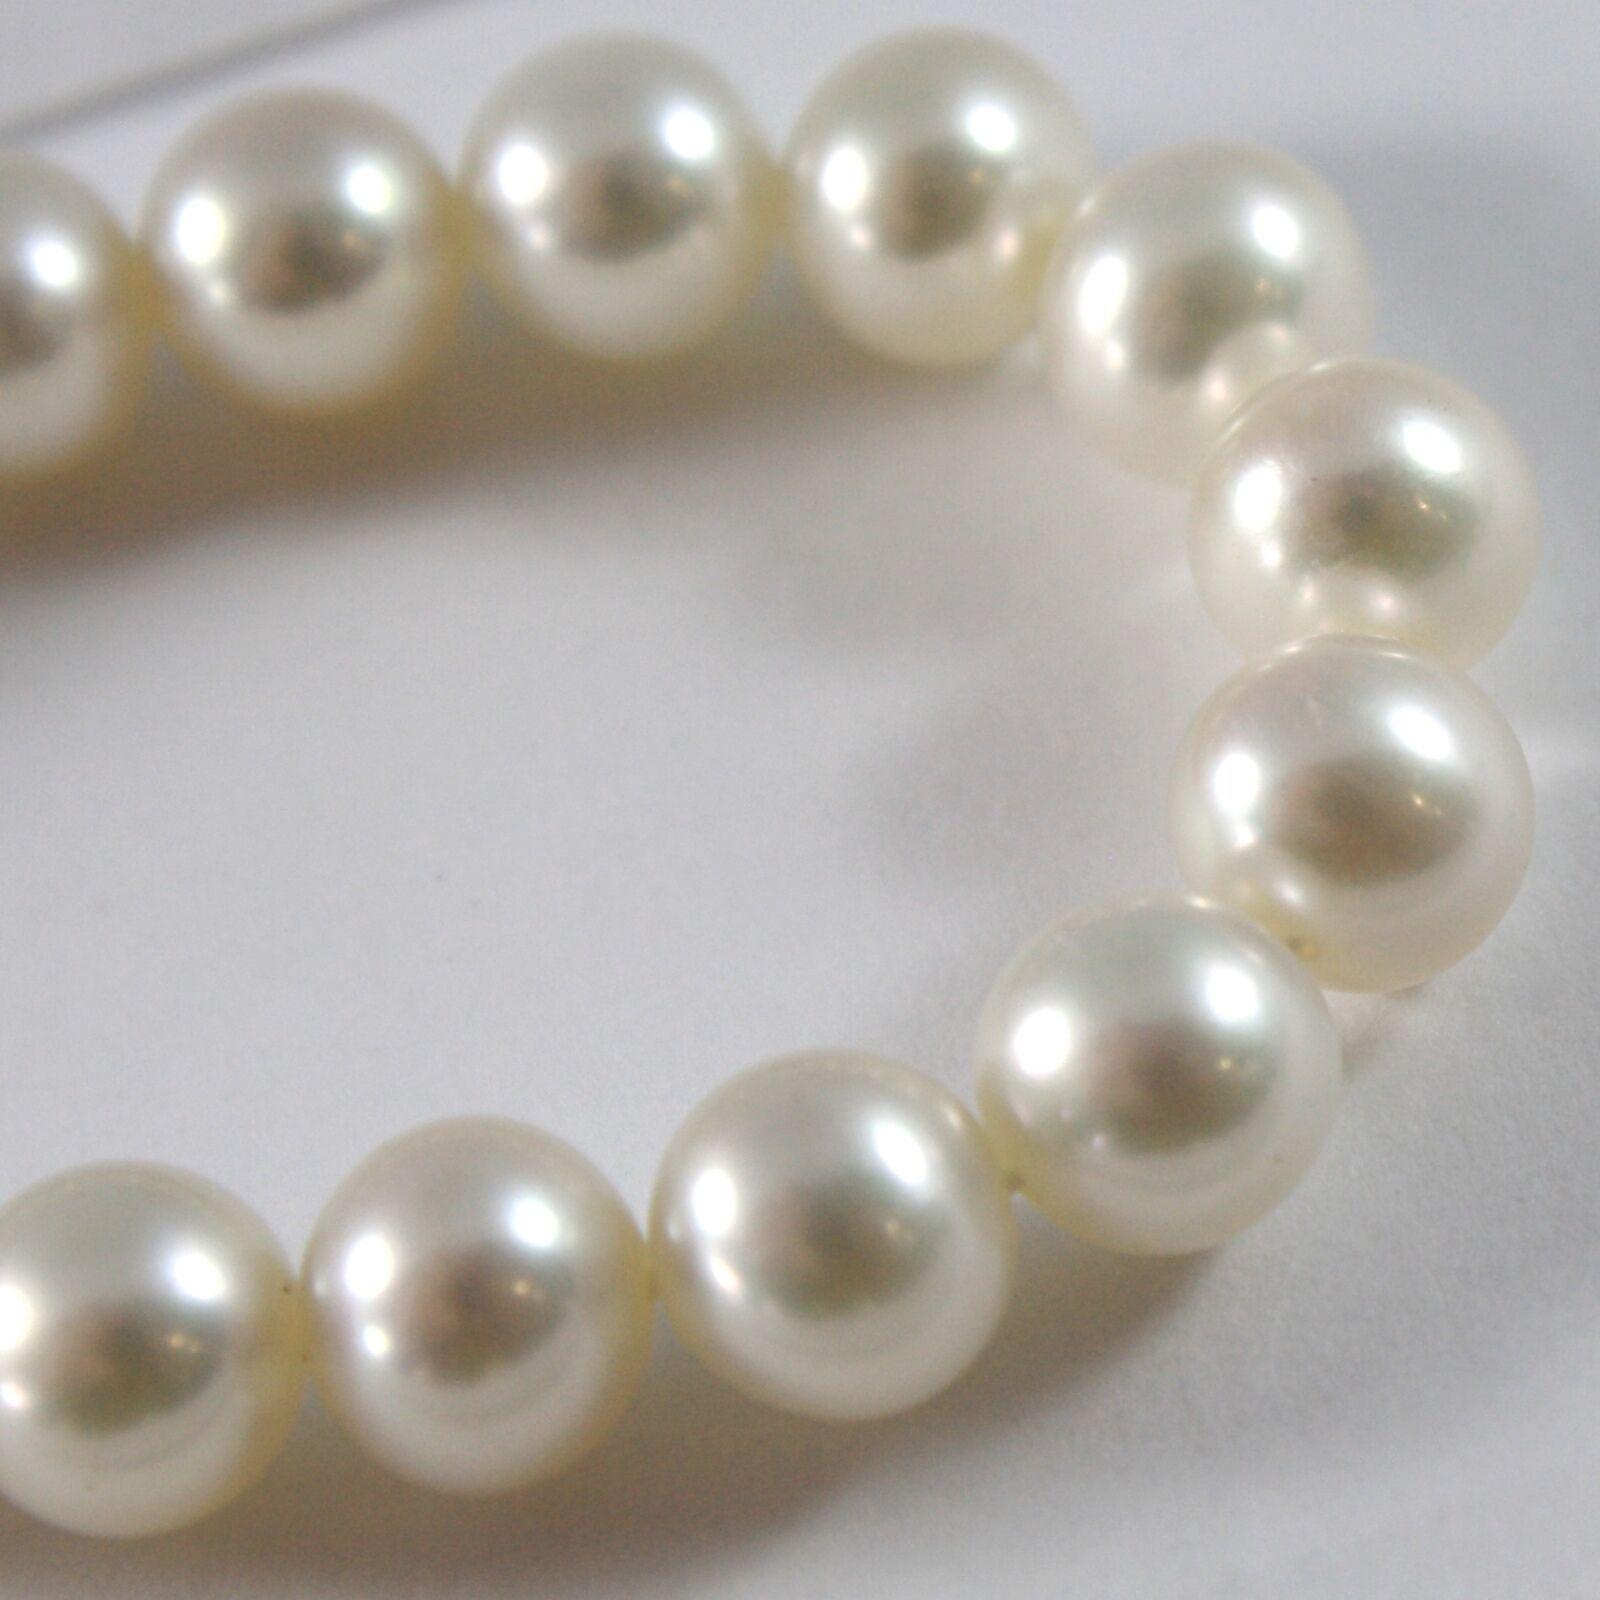 Armband Weißgold 750 18K, Draht von Weissen Perlen Durchmesser 8 mm, Lang 19 CM